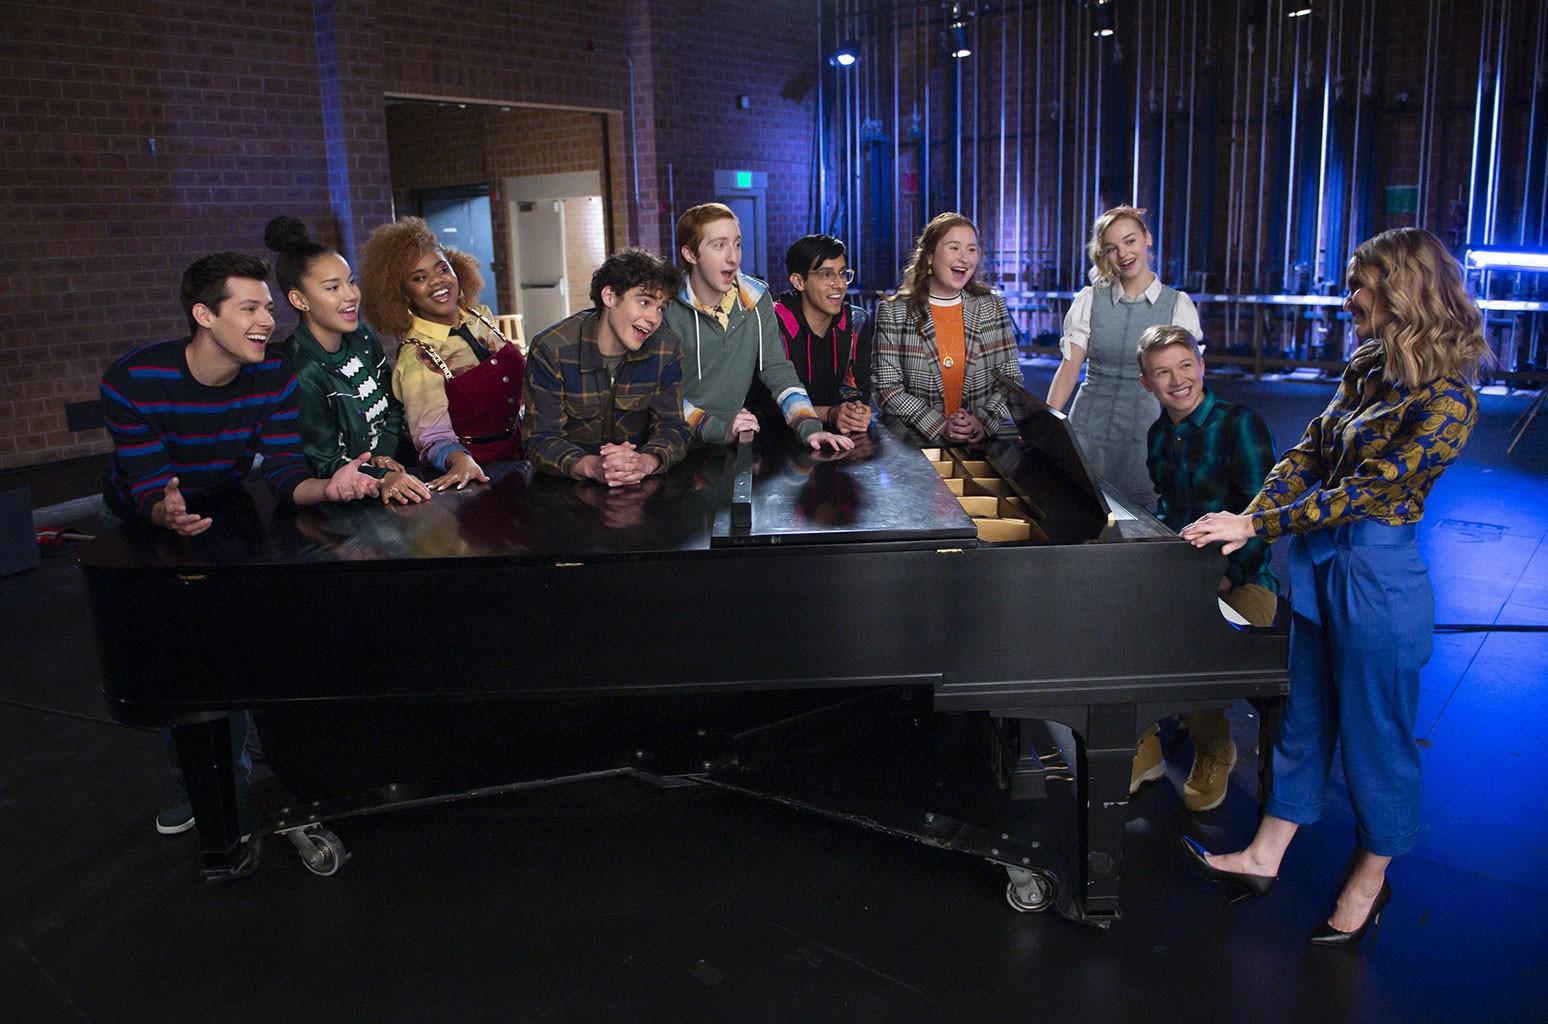 'High School Musical: The Musical: The Series' Season 2